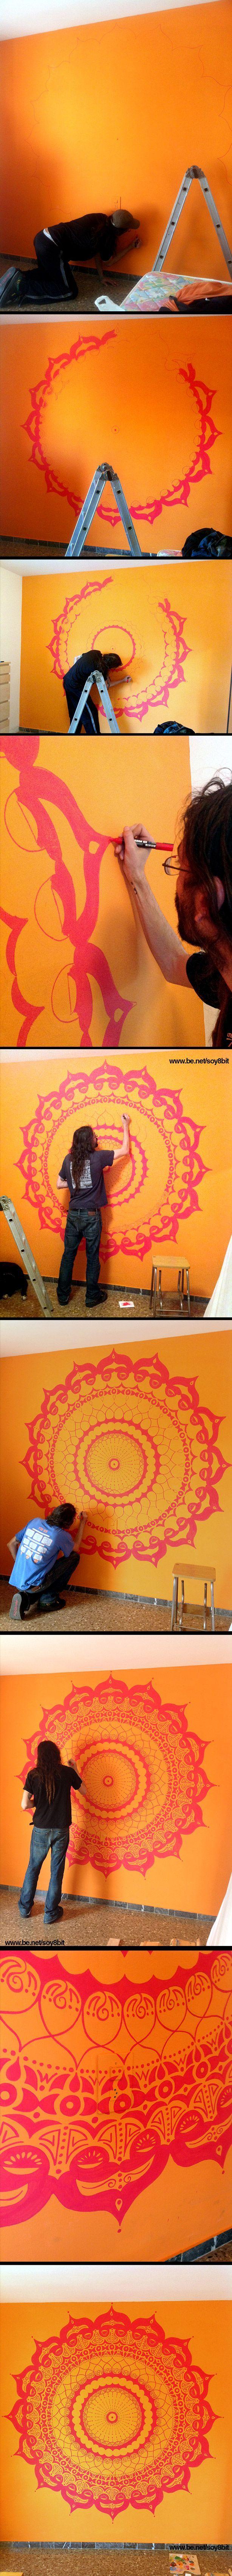 Mandala Wall Painting by Héctor Sánchez www.be.net/soy8bit: